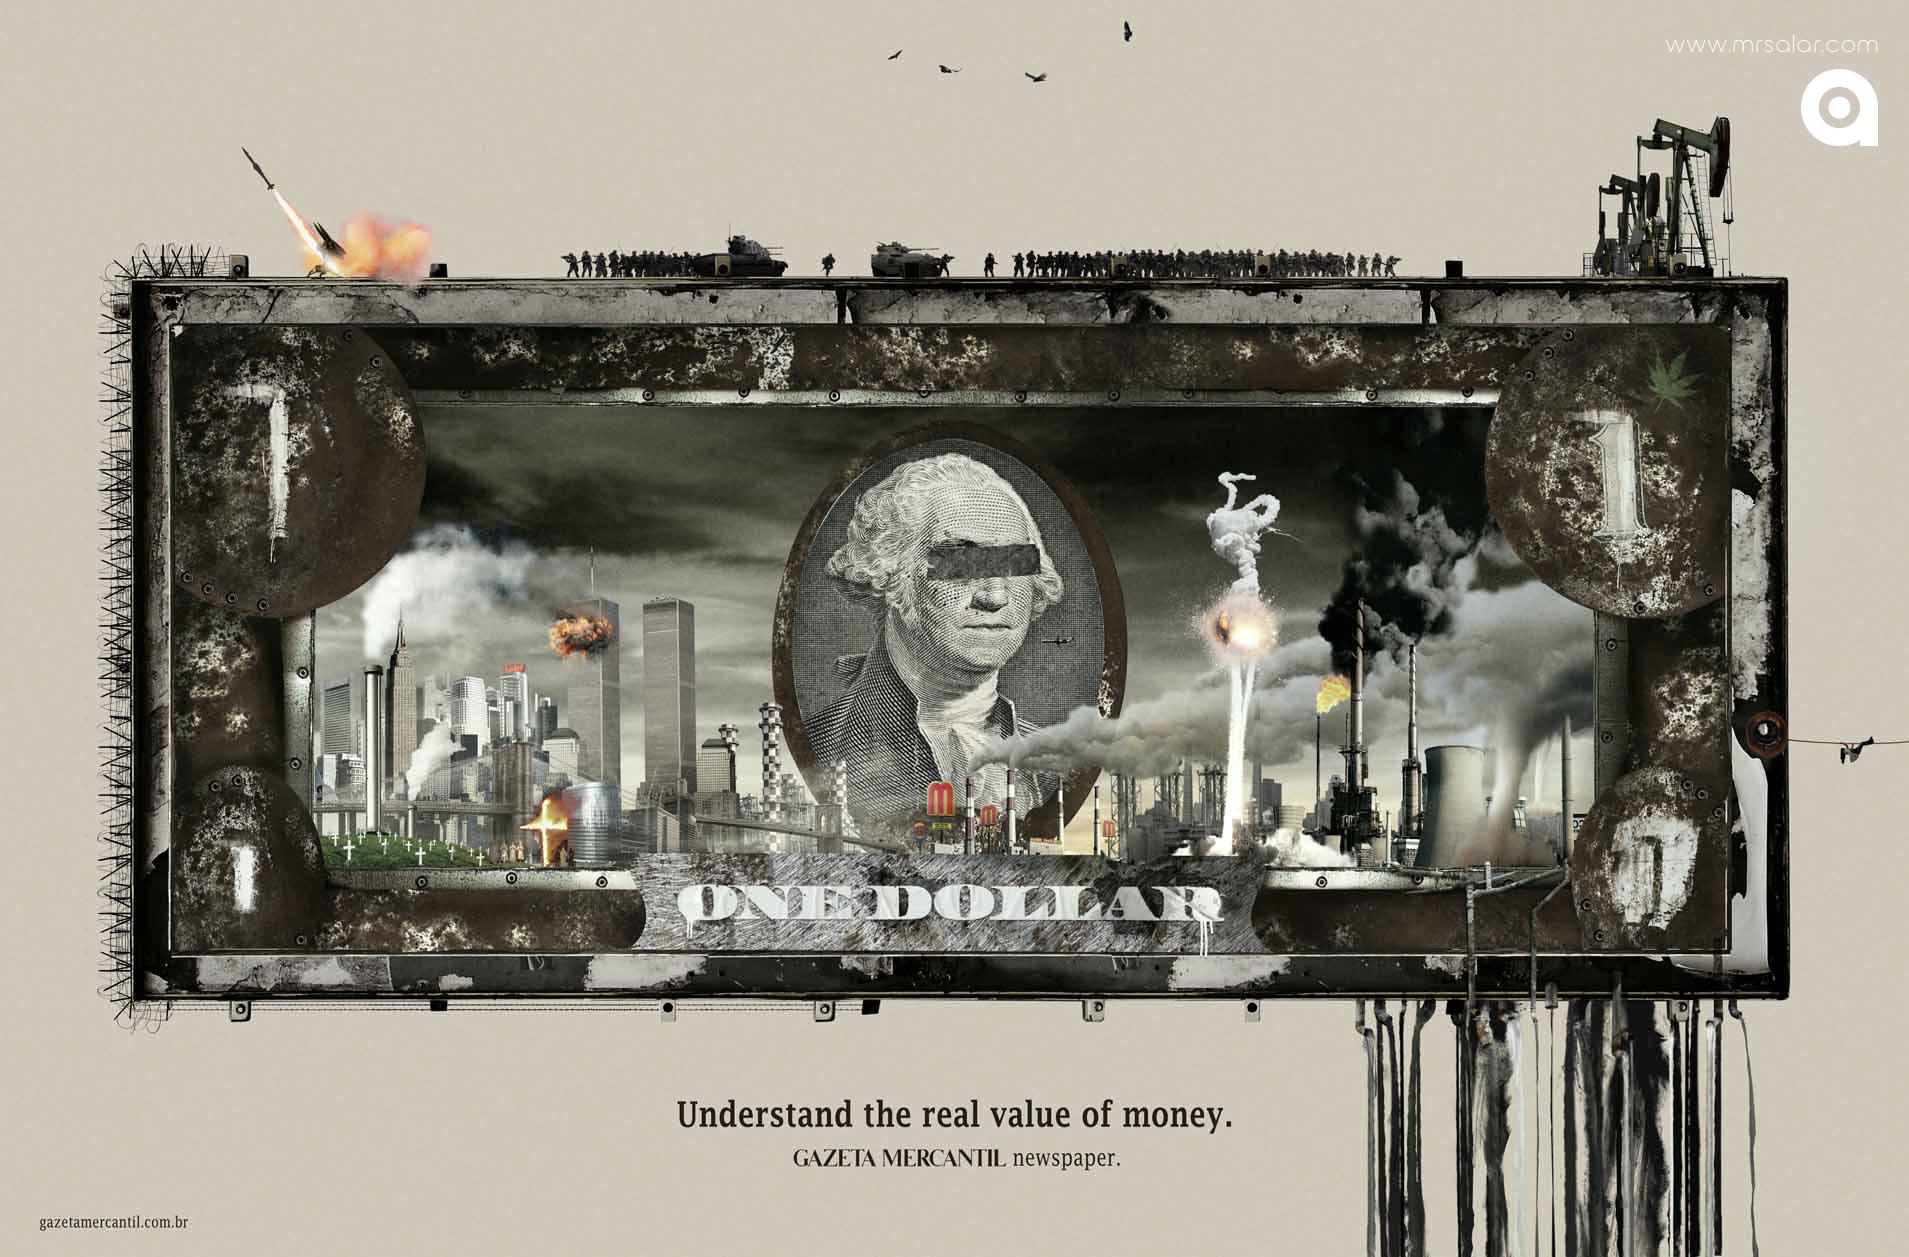 تصویر تبلیغاتی رسانه خبری Gazeta Mercantil: دلار